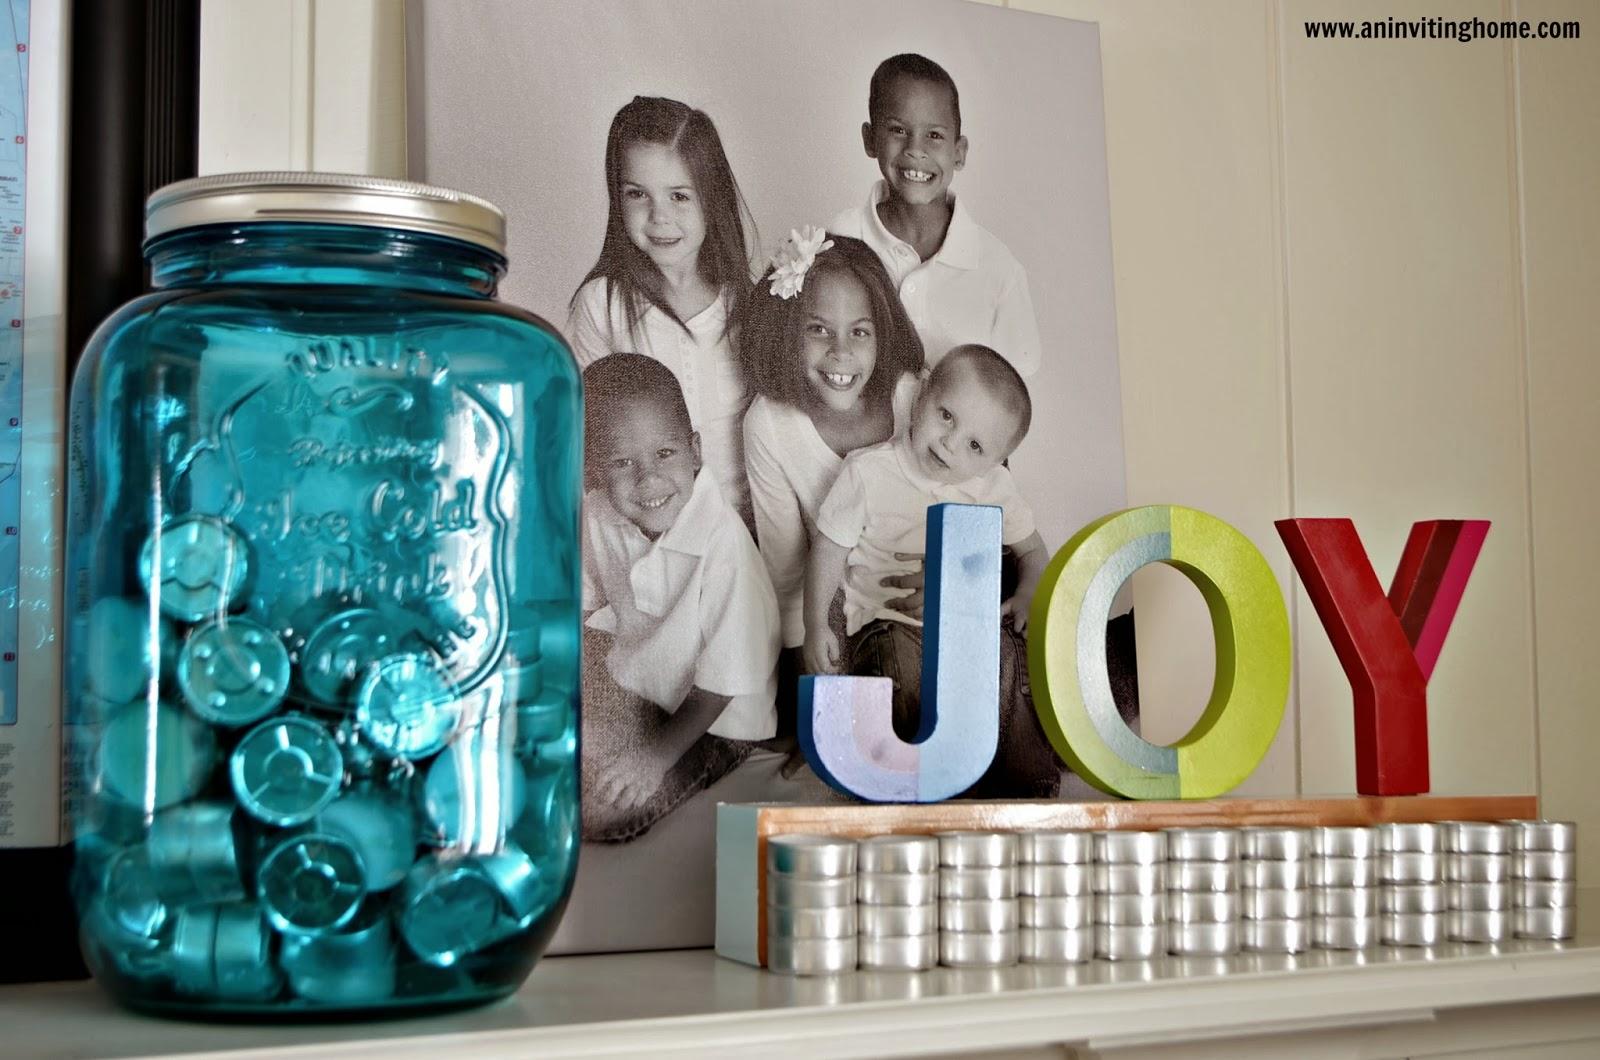 Target Joy Sign